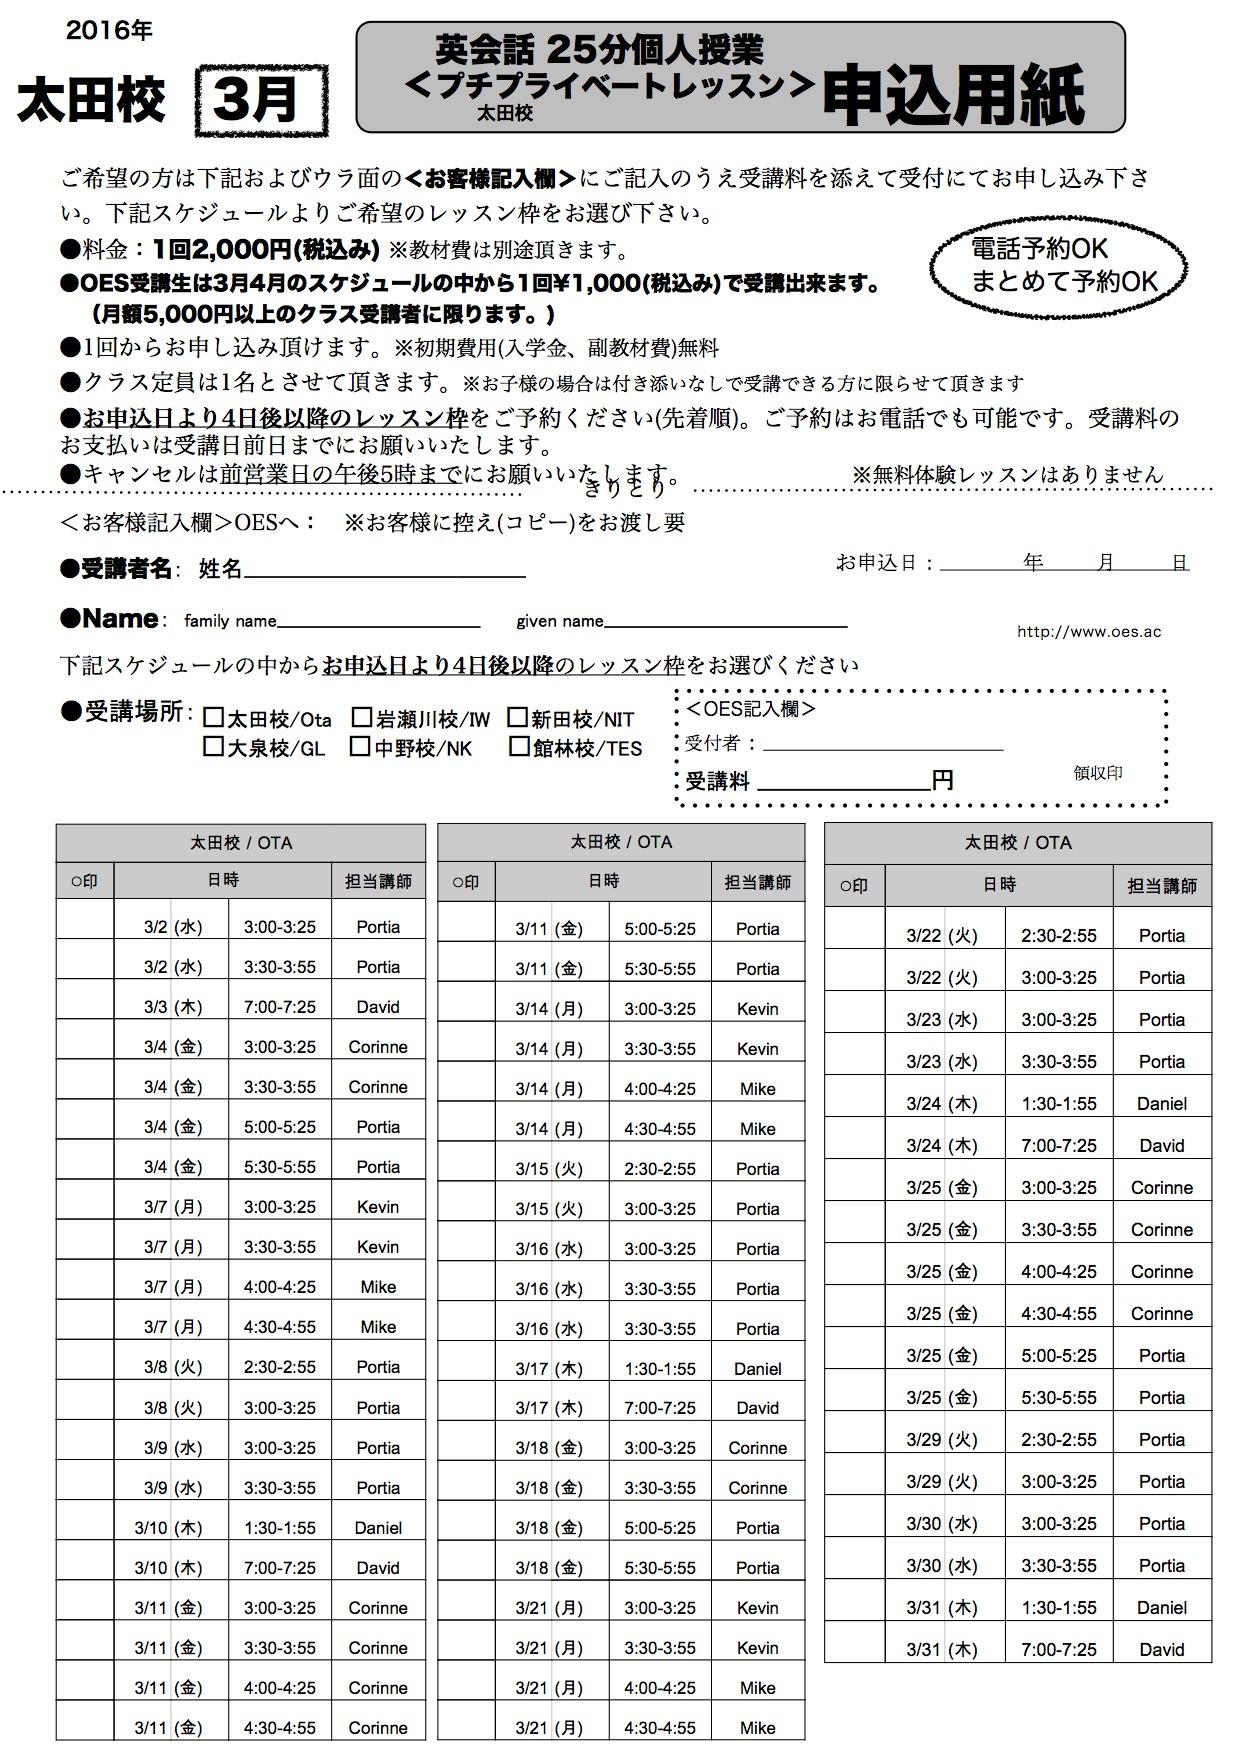 3月太田校プチプラ申込用紙